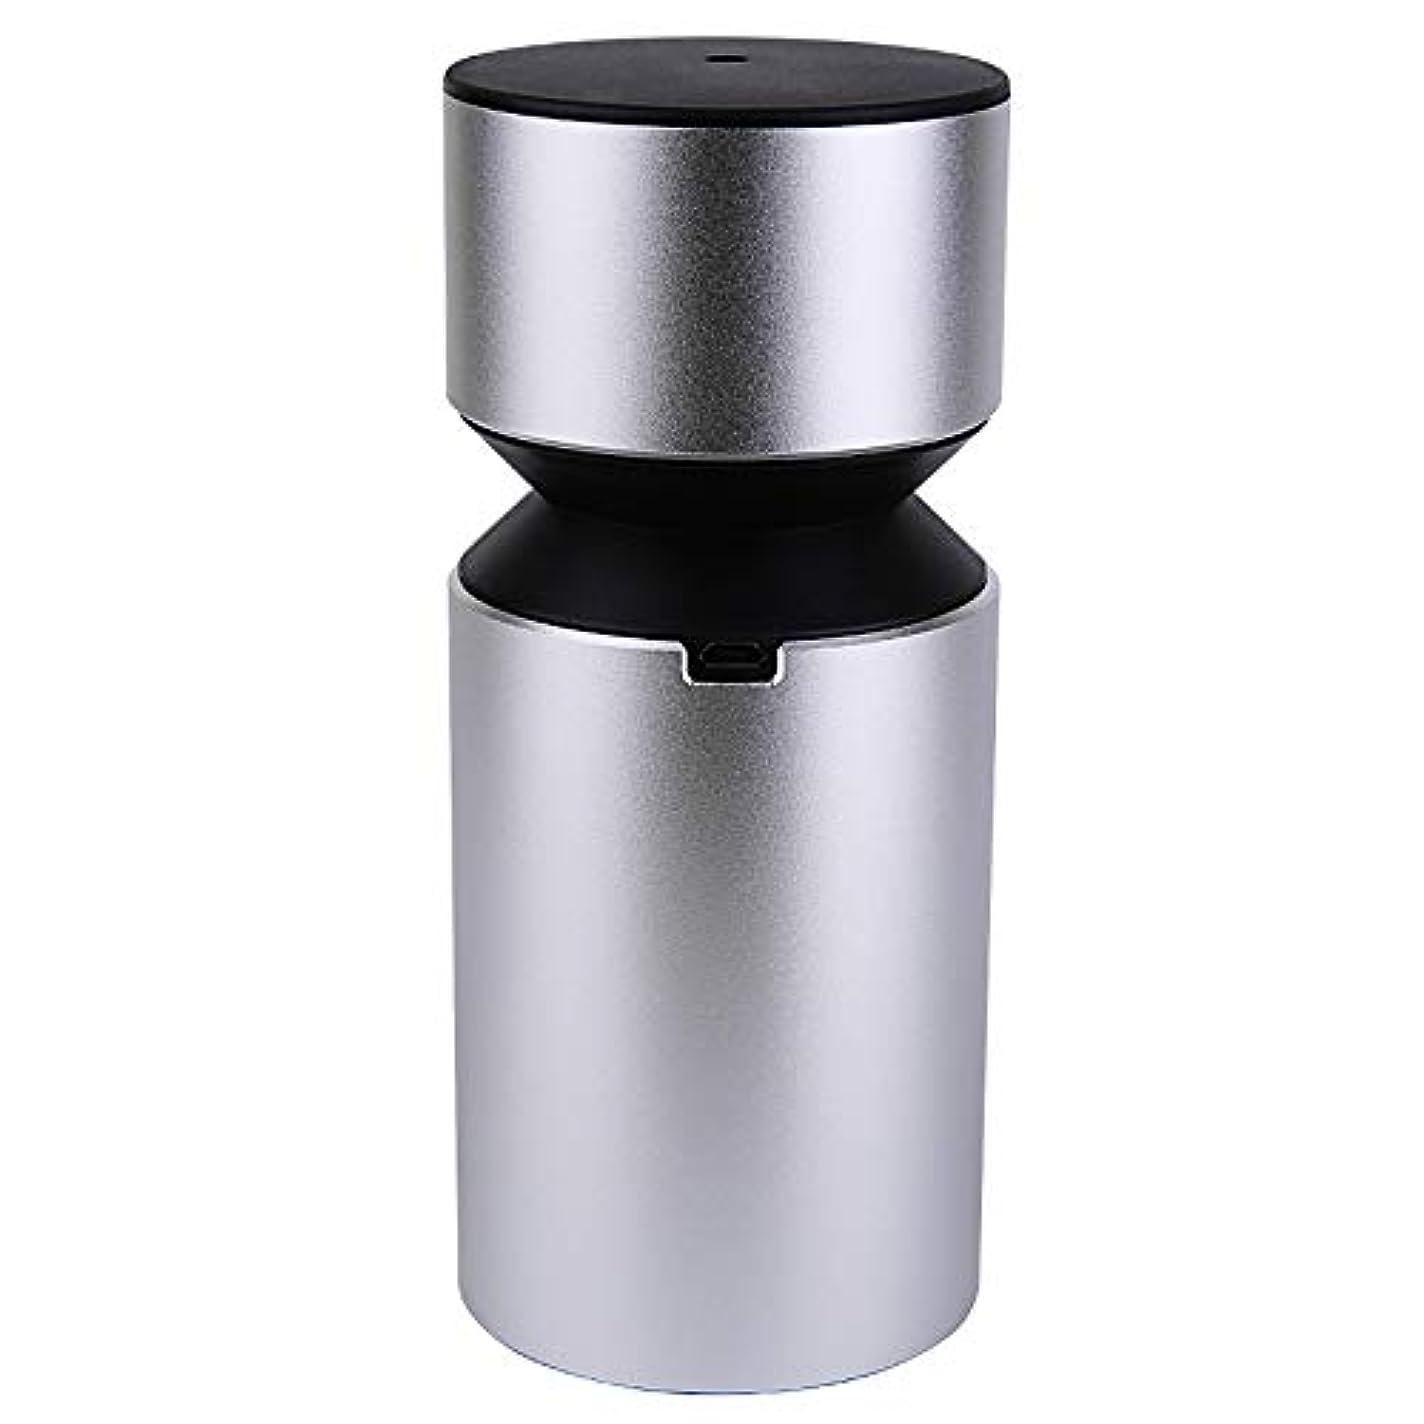 乳剤創始者音楽家アロマディフューザー 車載用 ネブライザー式 充電式 静音 精油瓶1個スポイト付きT11-ENS068N (シルバー)